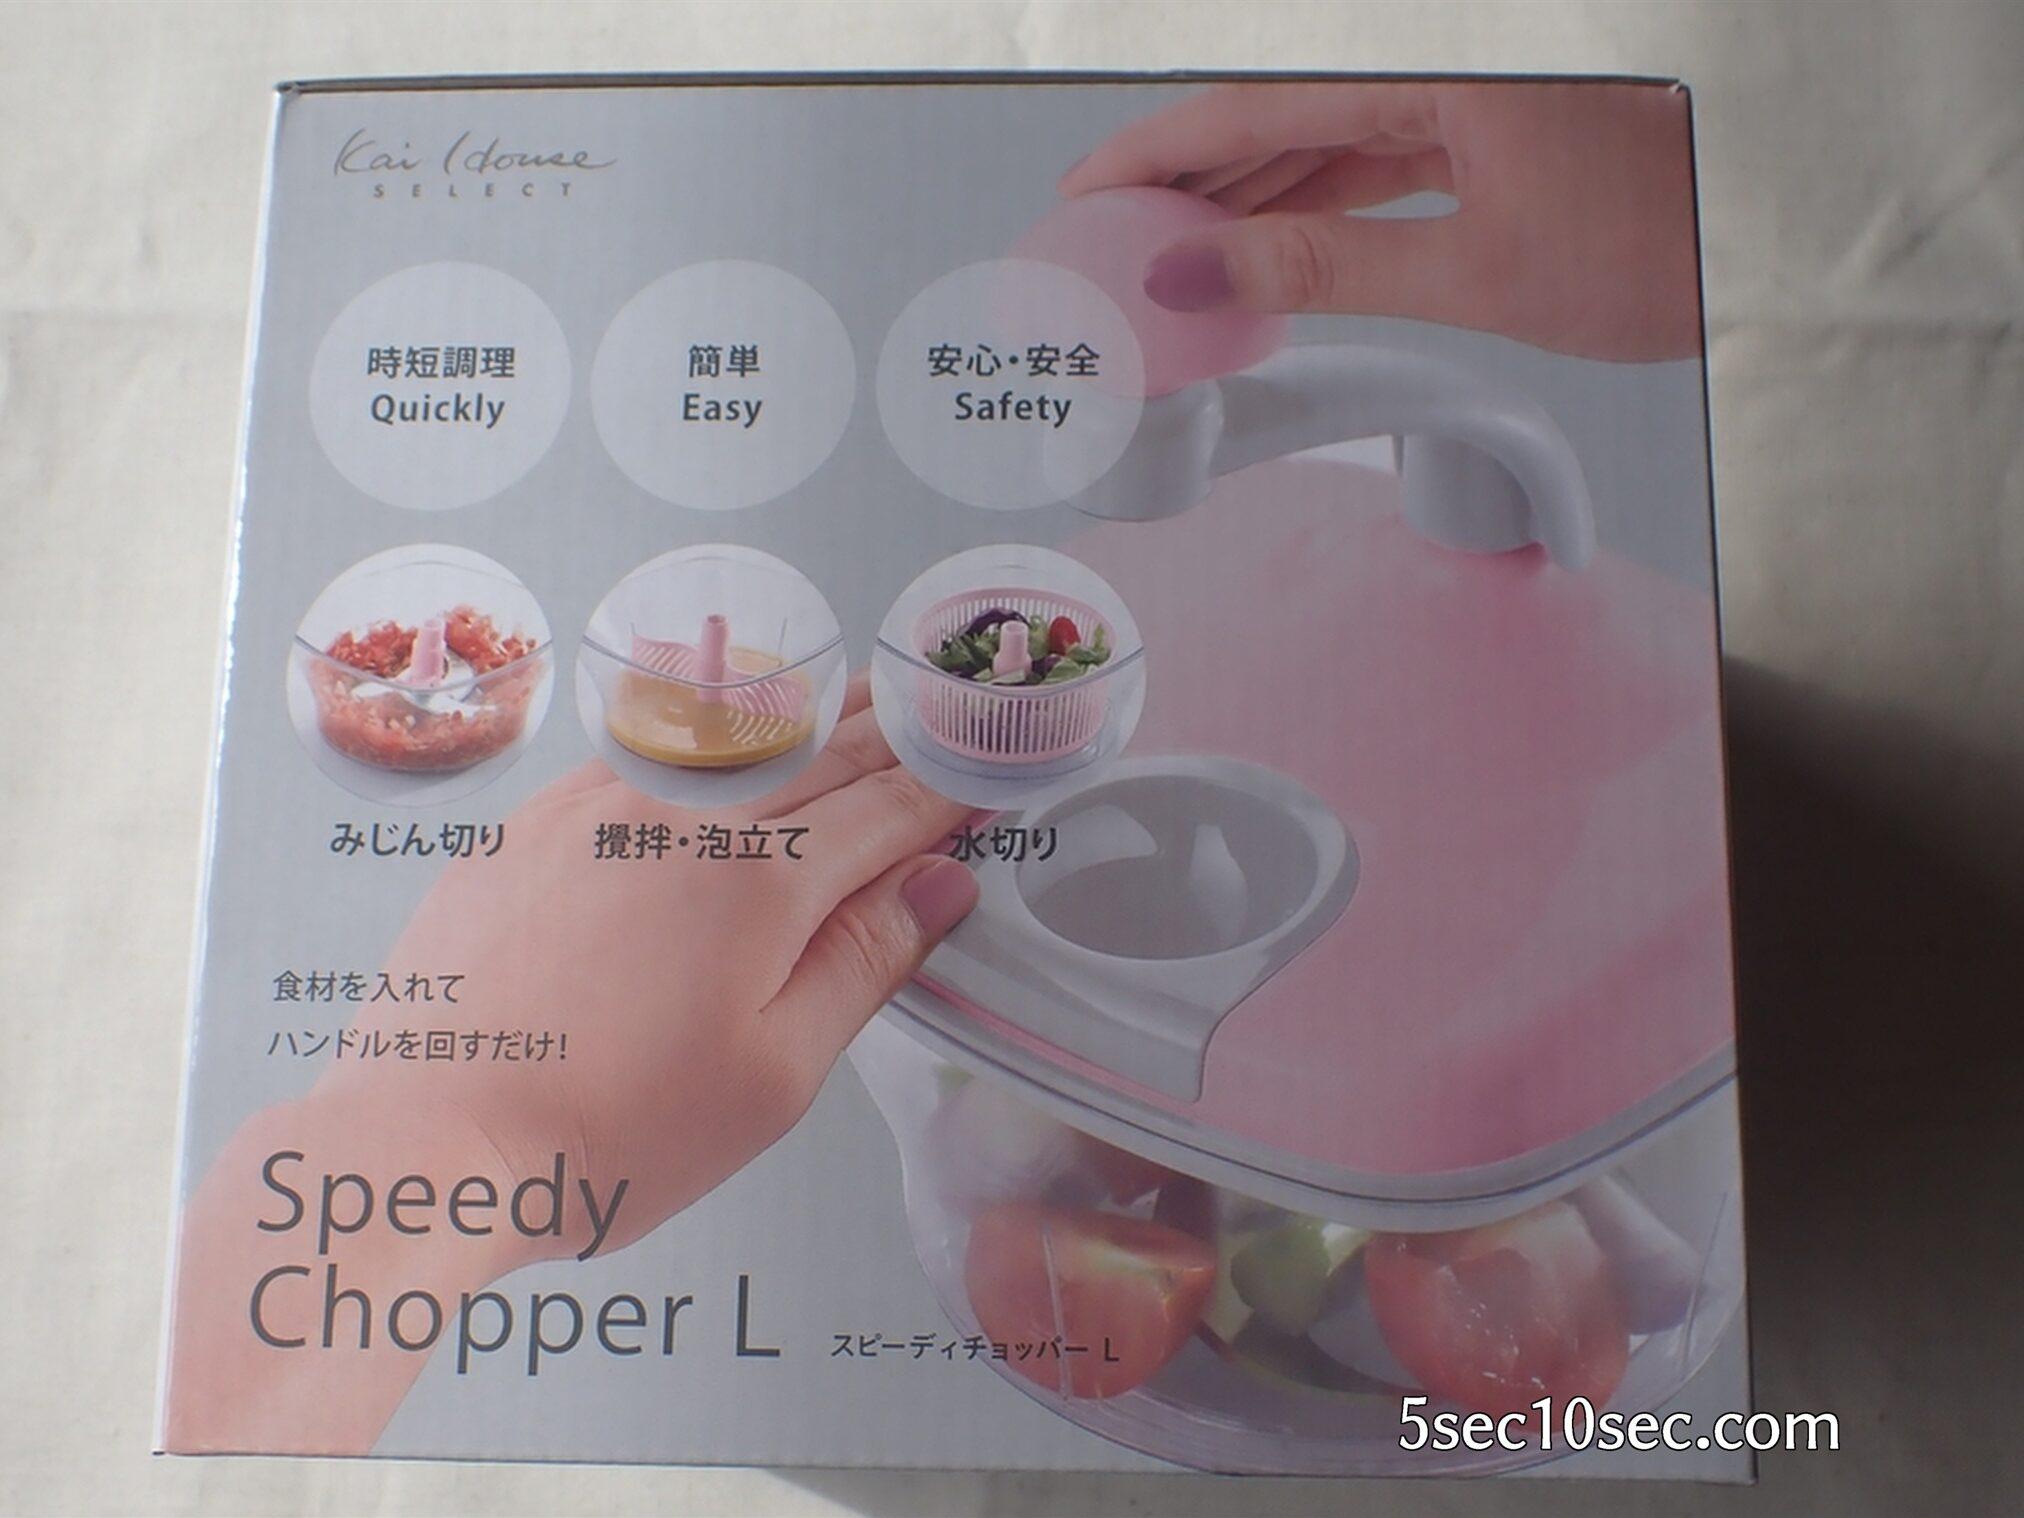 貝印 KHS スピーディーチョッパー L 品番DH2084 みじん切り、攪拌・泡立て、水切りができます